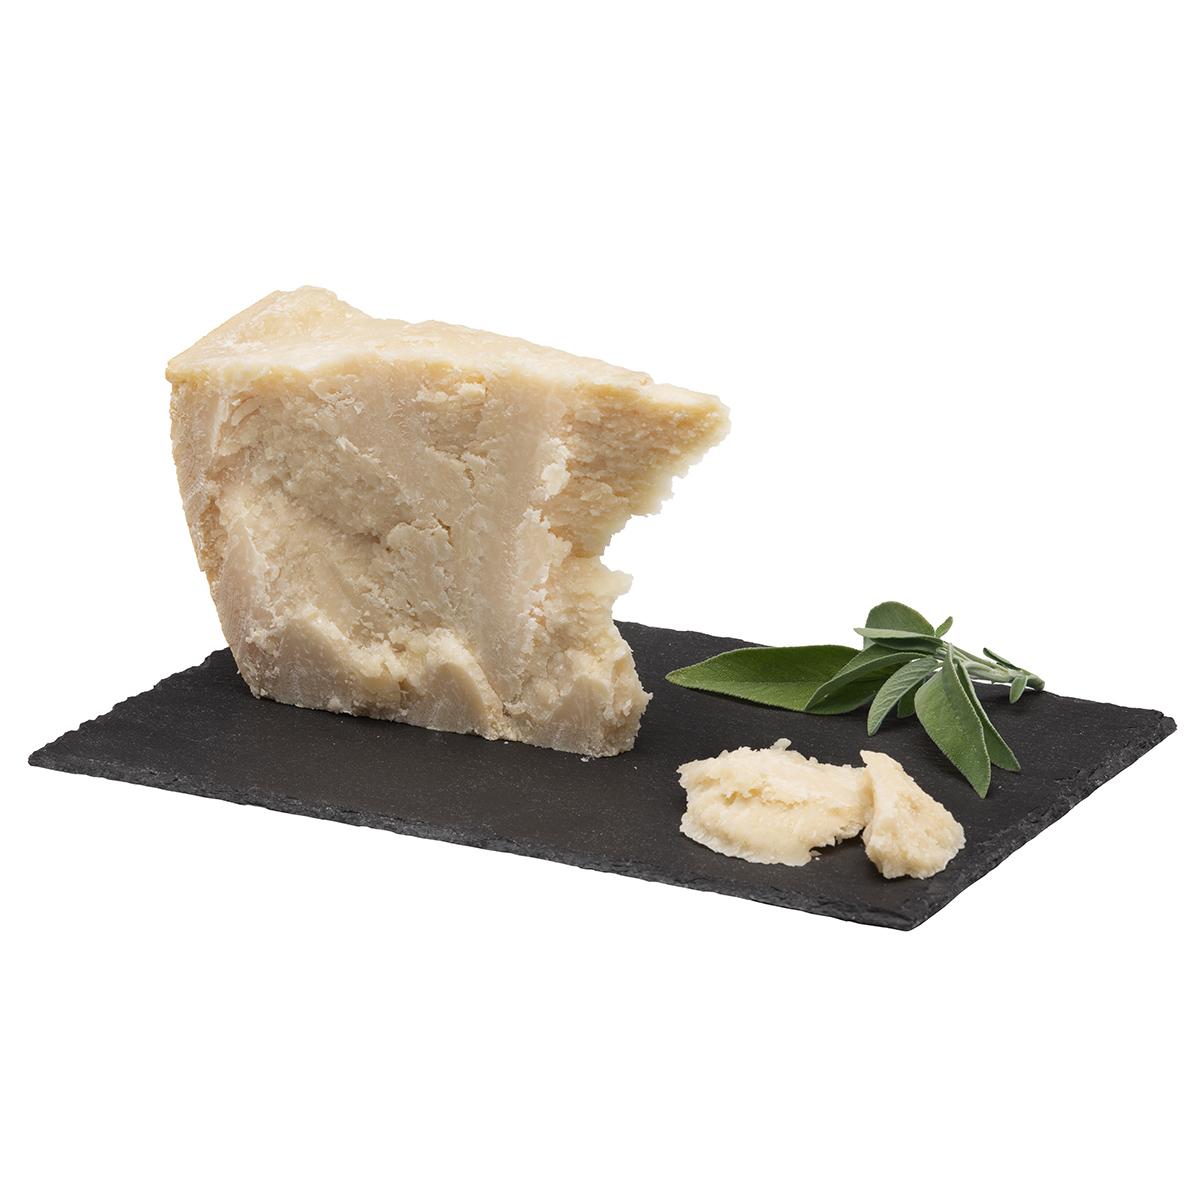 Grana Padano DOP Senza Lattosio formaggio italiano vendita online